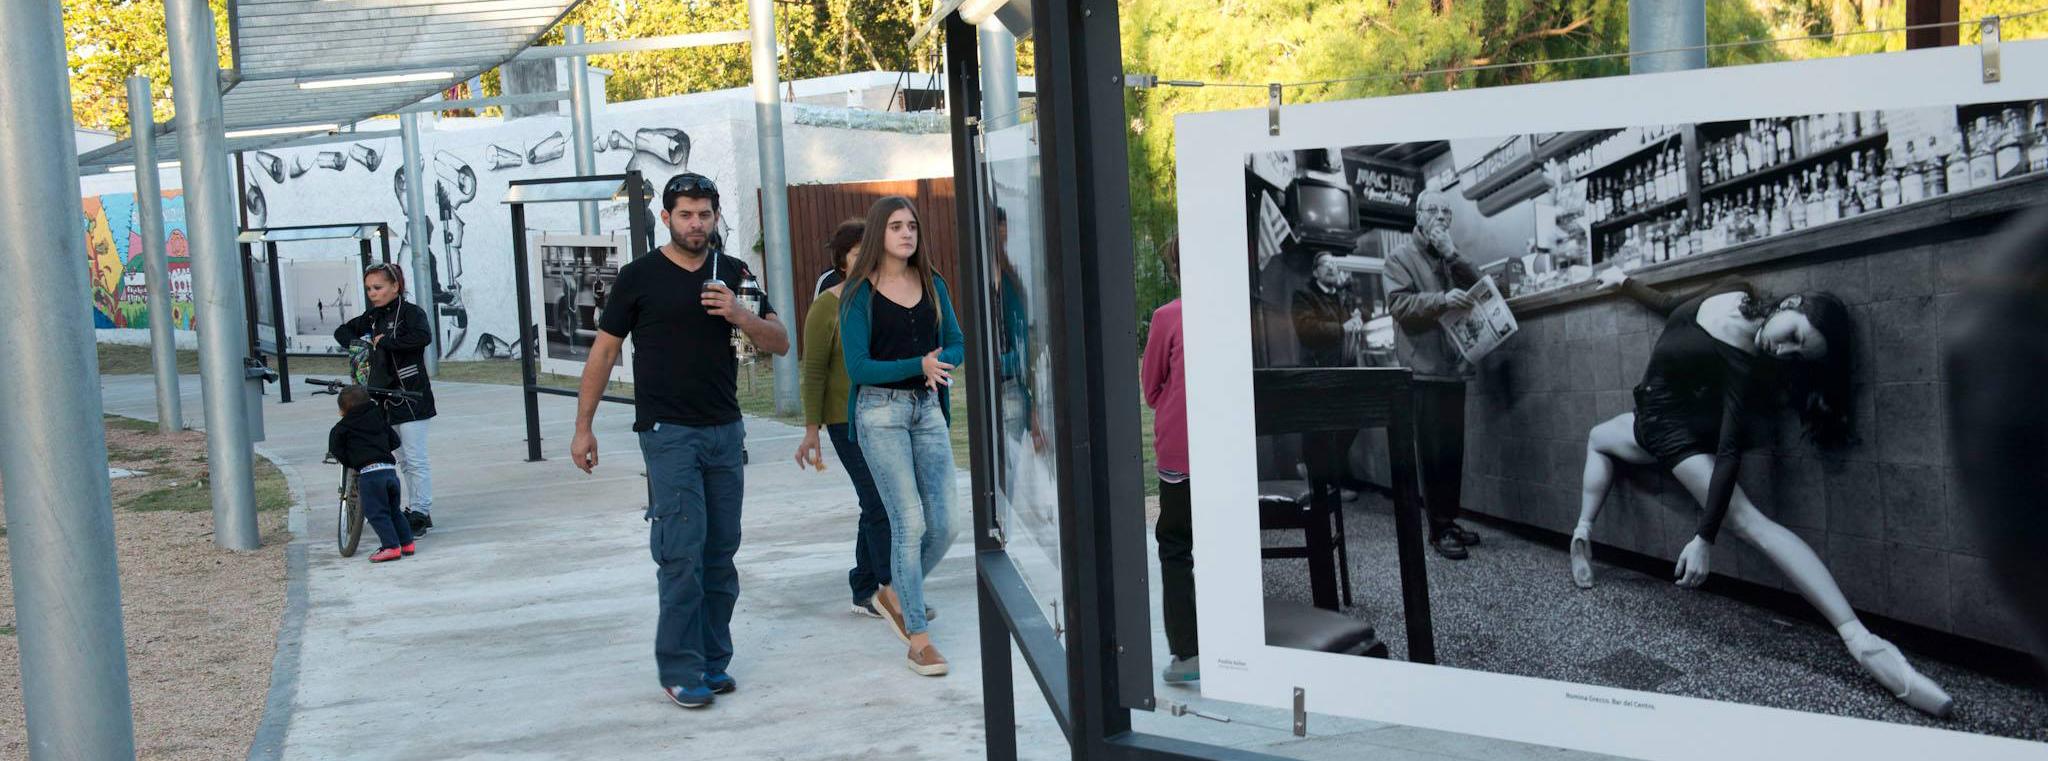 Lugares eventos Agenda cultural - Fotogalería Peñarol